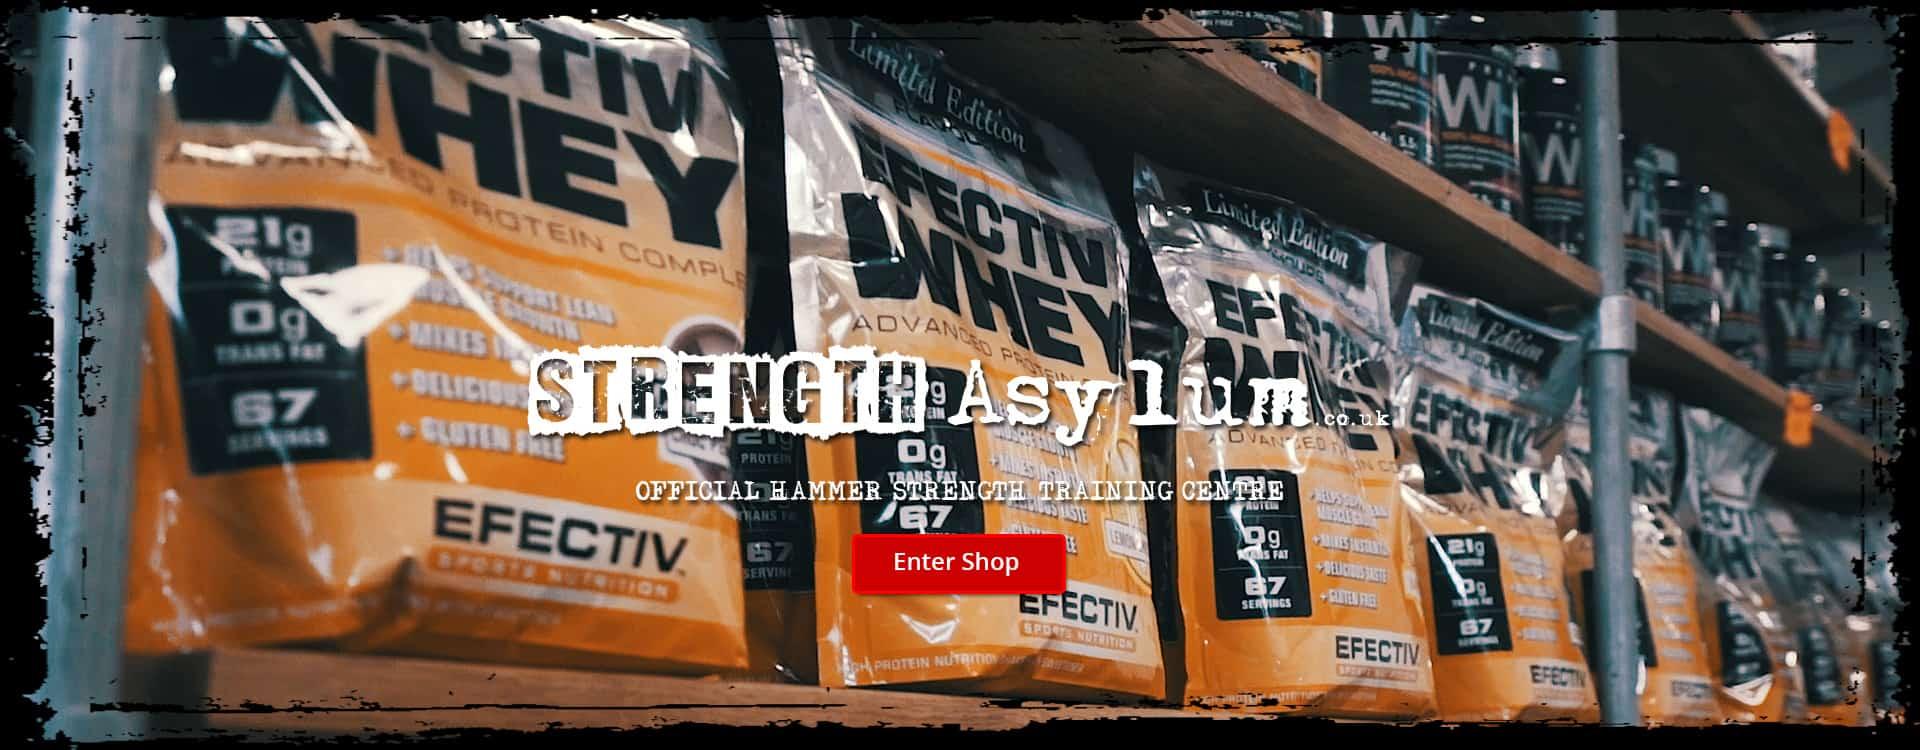 http://www.strengthasylum.co.uk/wp-content/uploads/2017/02/feb-banner-5.jpg